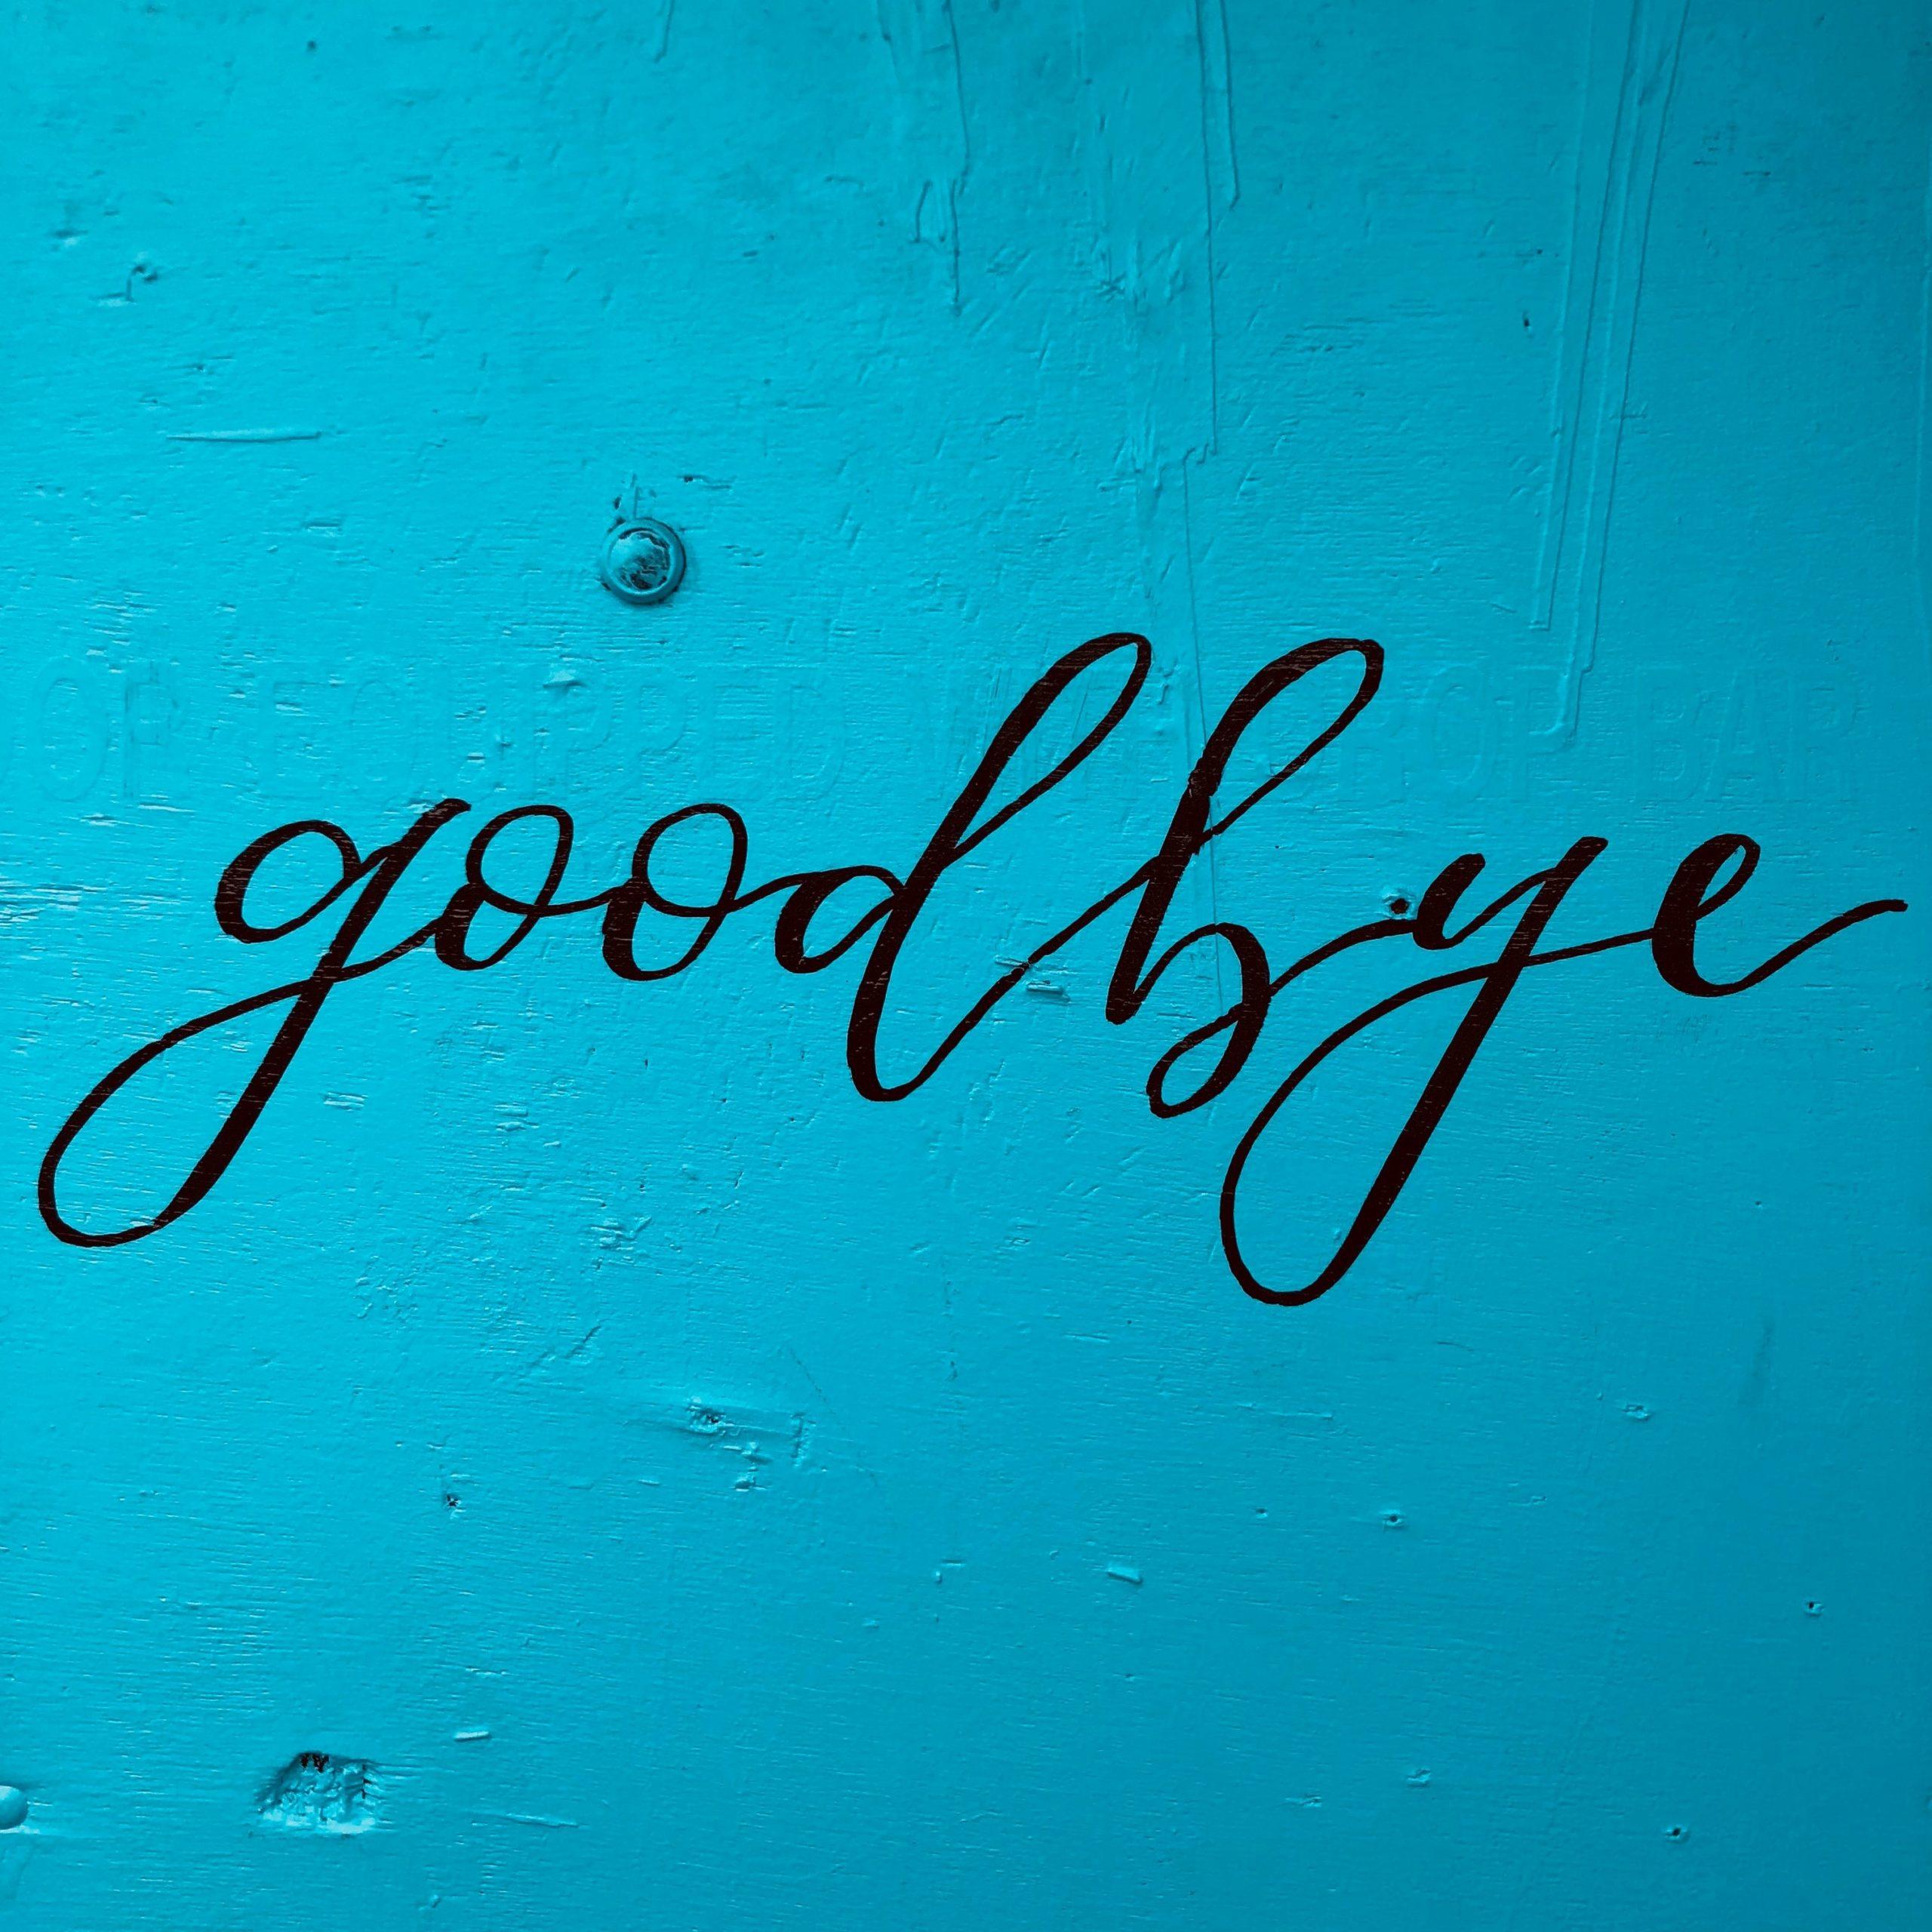 Je reviens pour dire au revoir